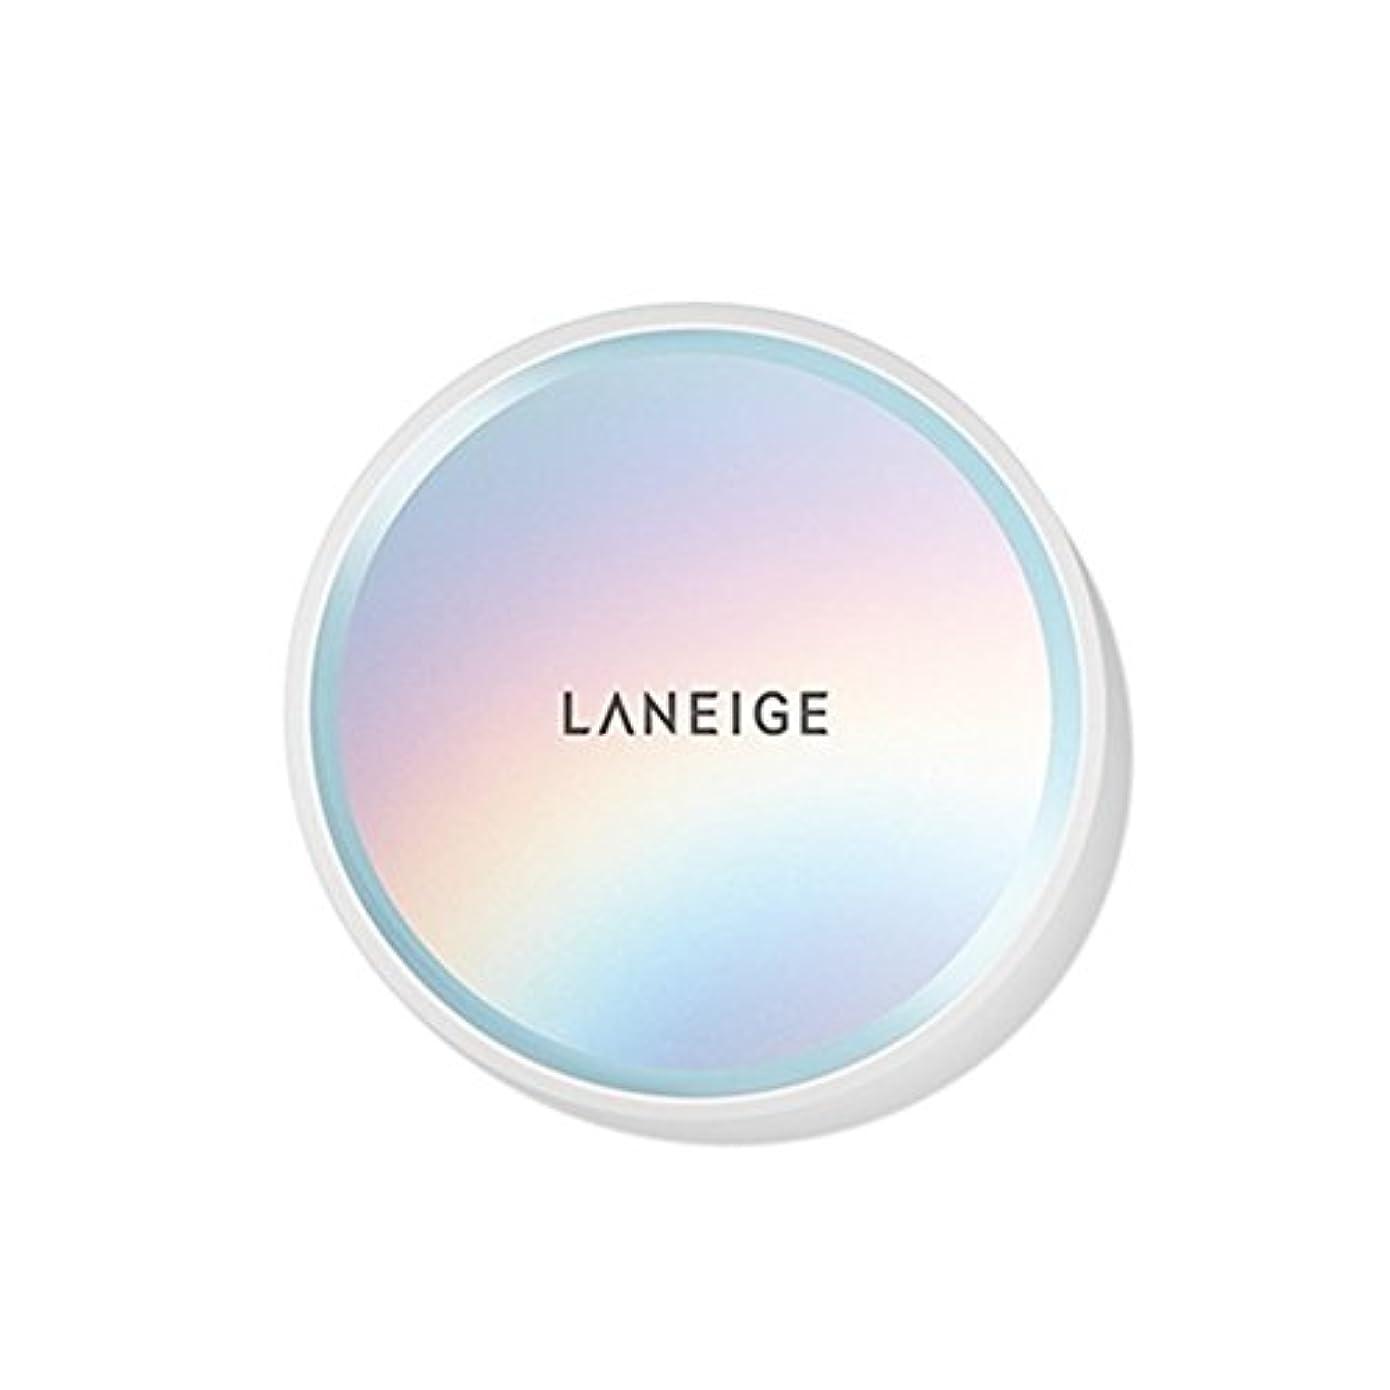 リングバックローラー慣らす【ラネージュ】 LANEIGE BB Cushion Pore Control BBクッションポアコントロール 【韓国直送品】 OOPSPANDA (6.No. 13 Cool Ivory)